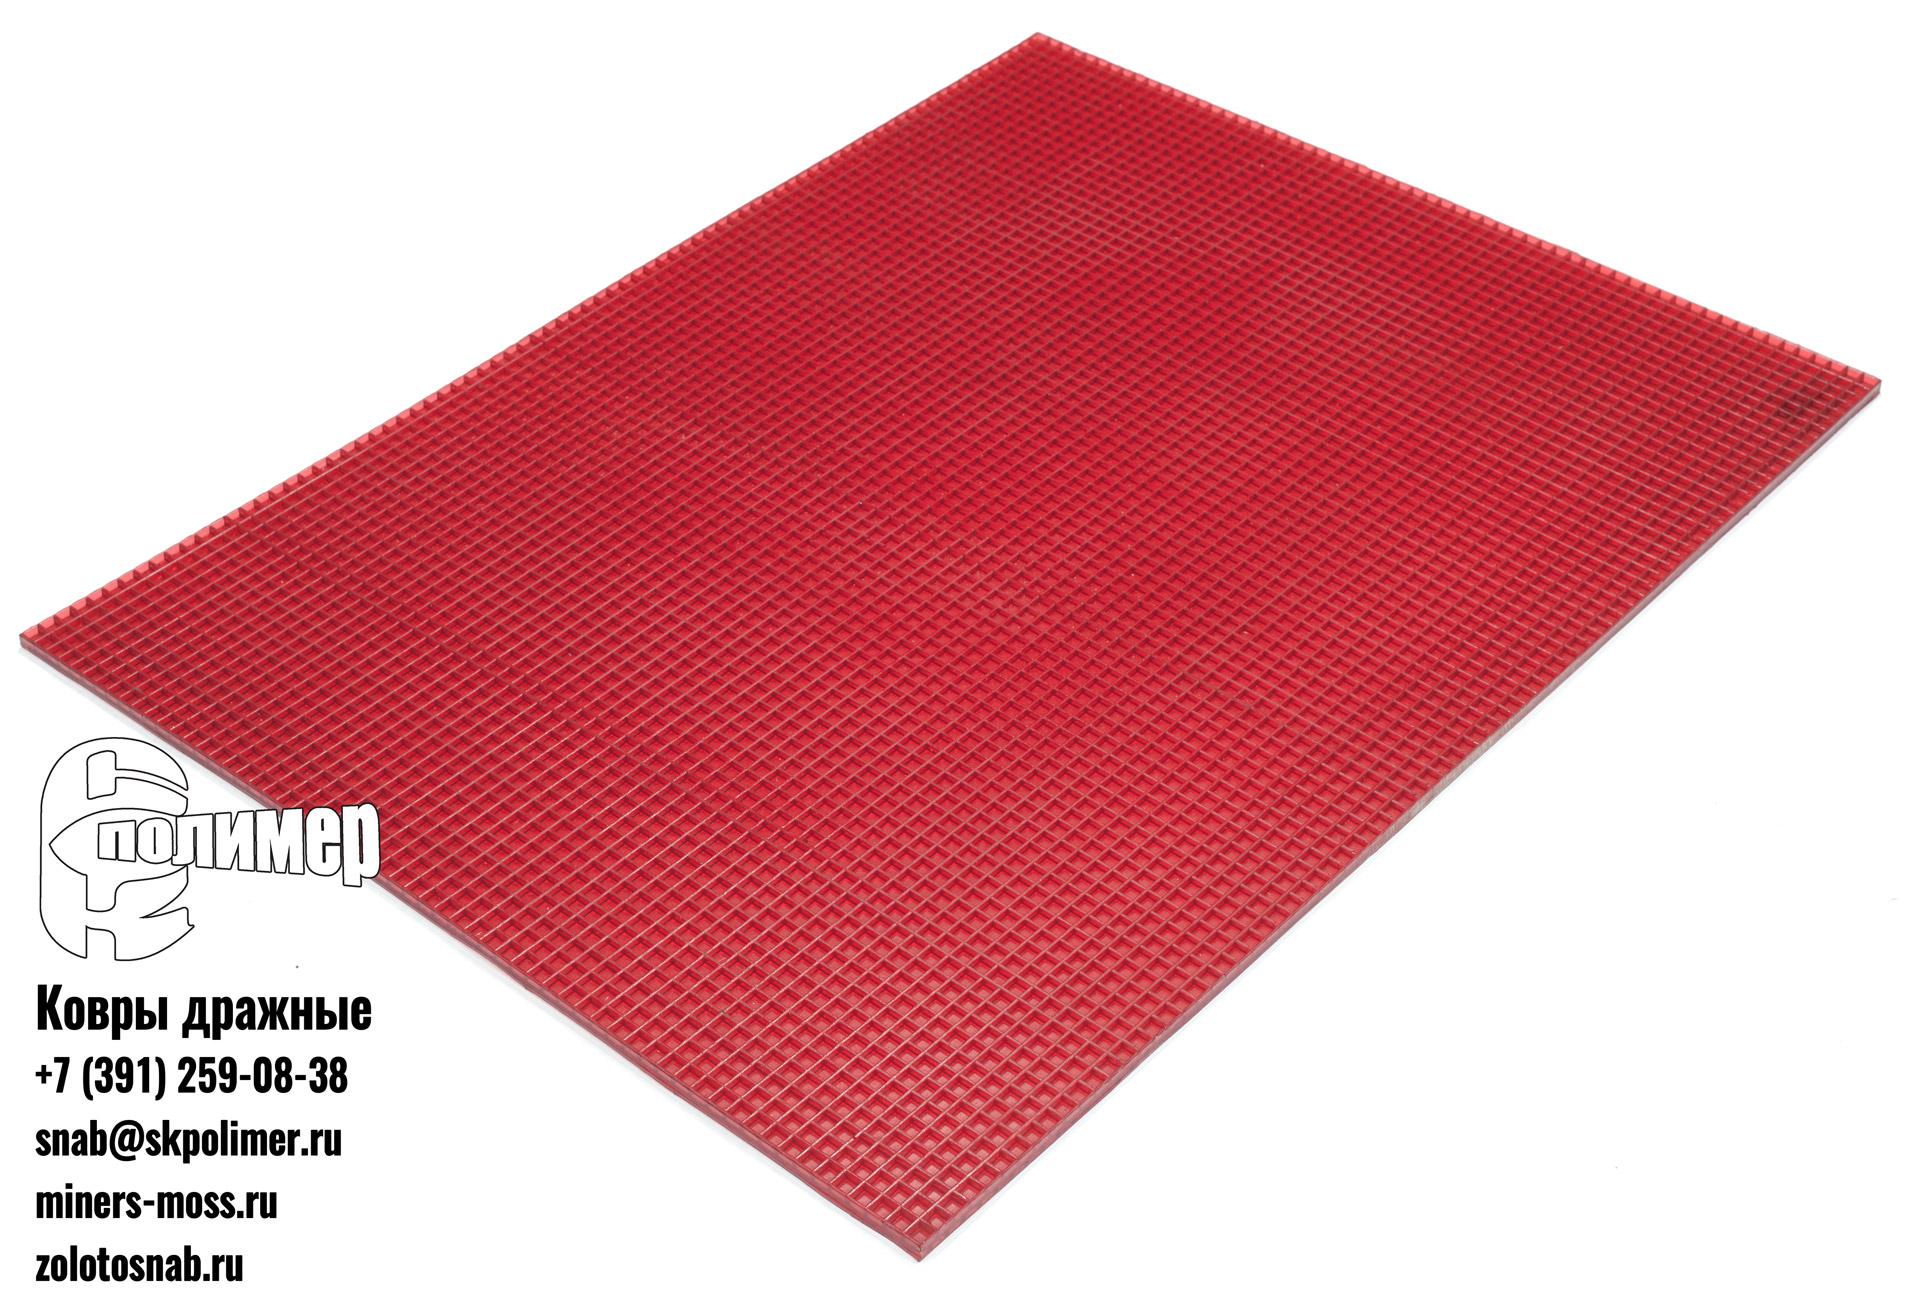 ковры дражные 800х600